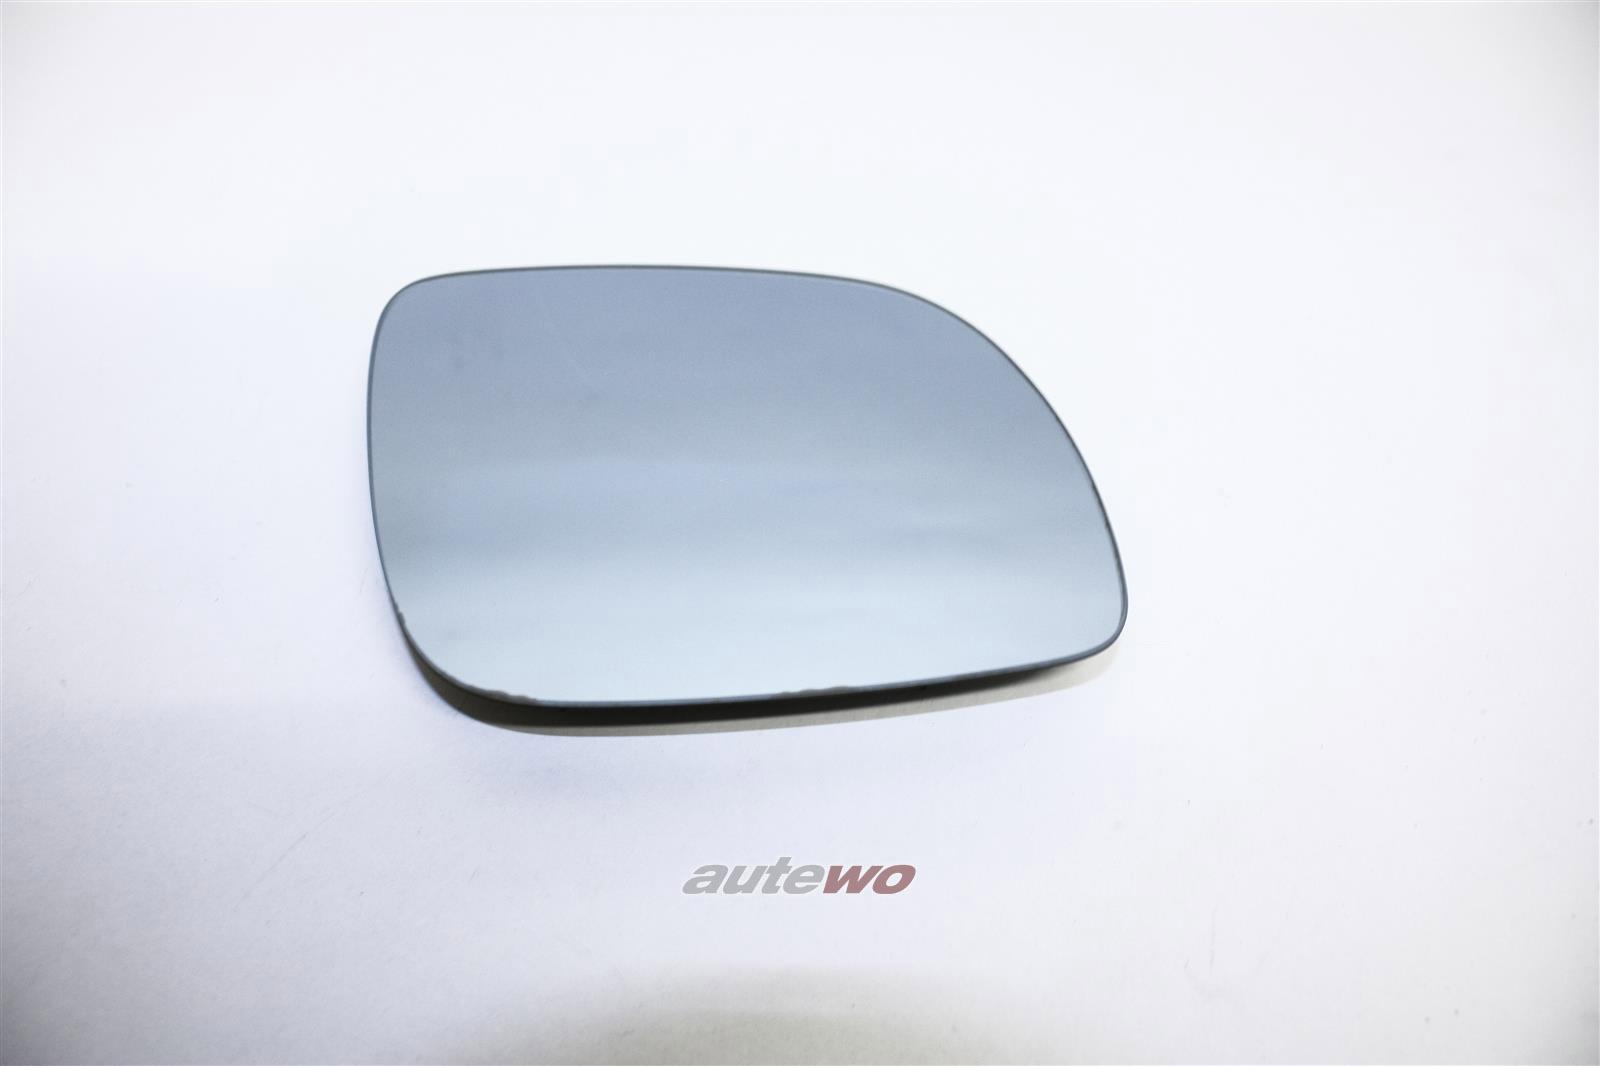 Audi A3 8L/A4 B5/A6 C4 & 4B/A8 D2 Außenspiegel Glas beheizbar Rechts 4B1857536C 4A1857536AB